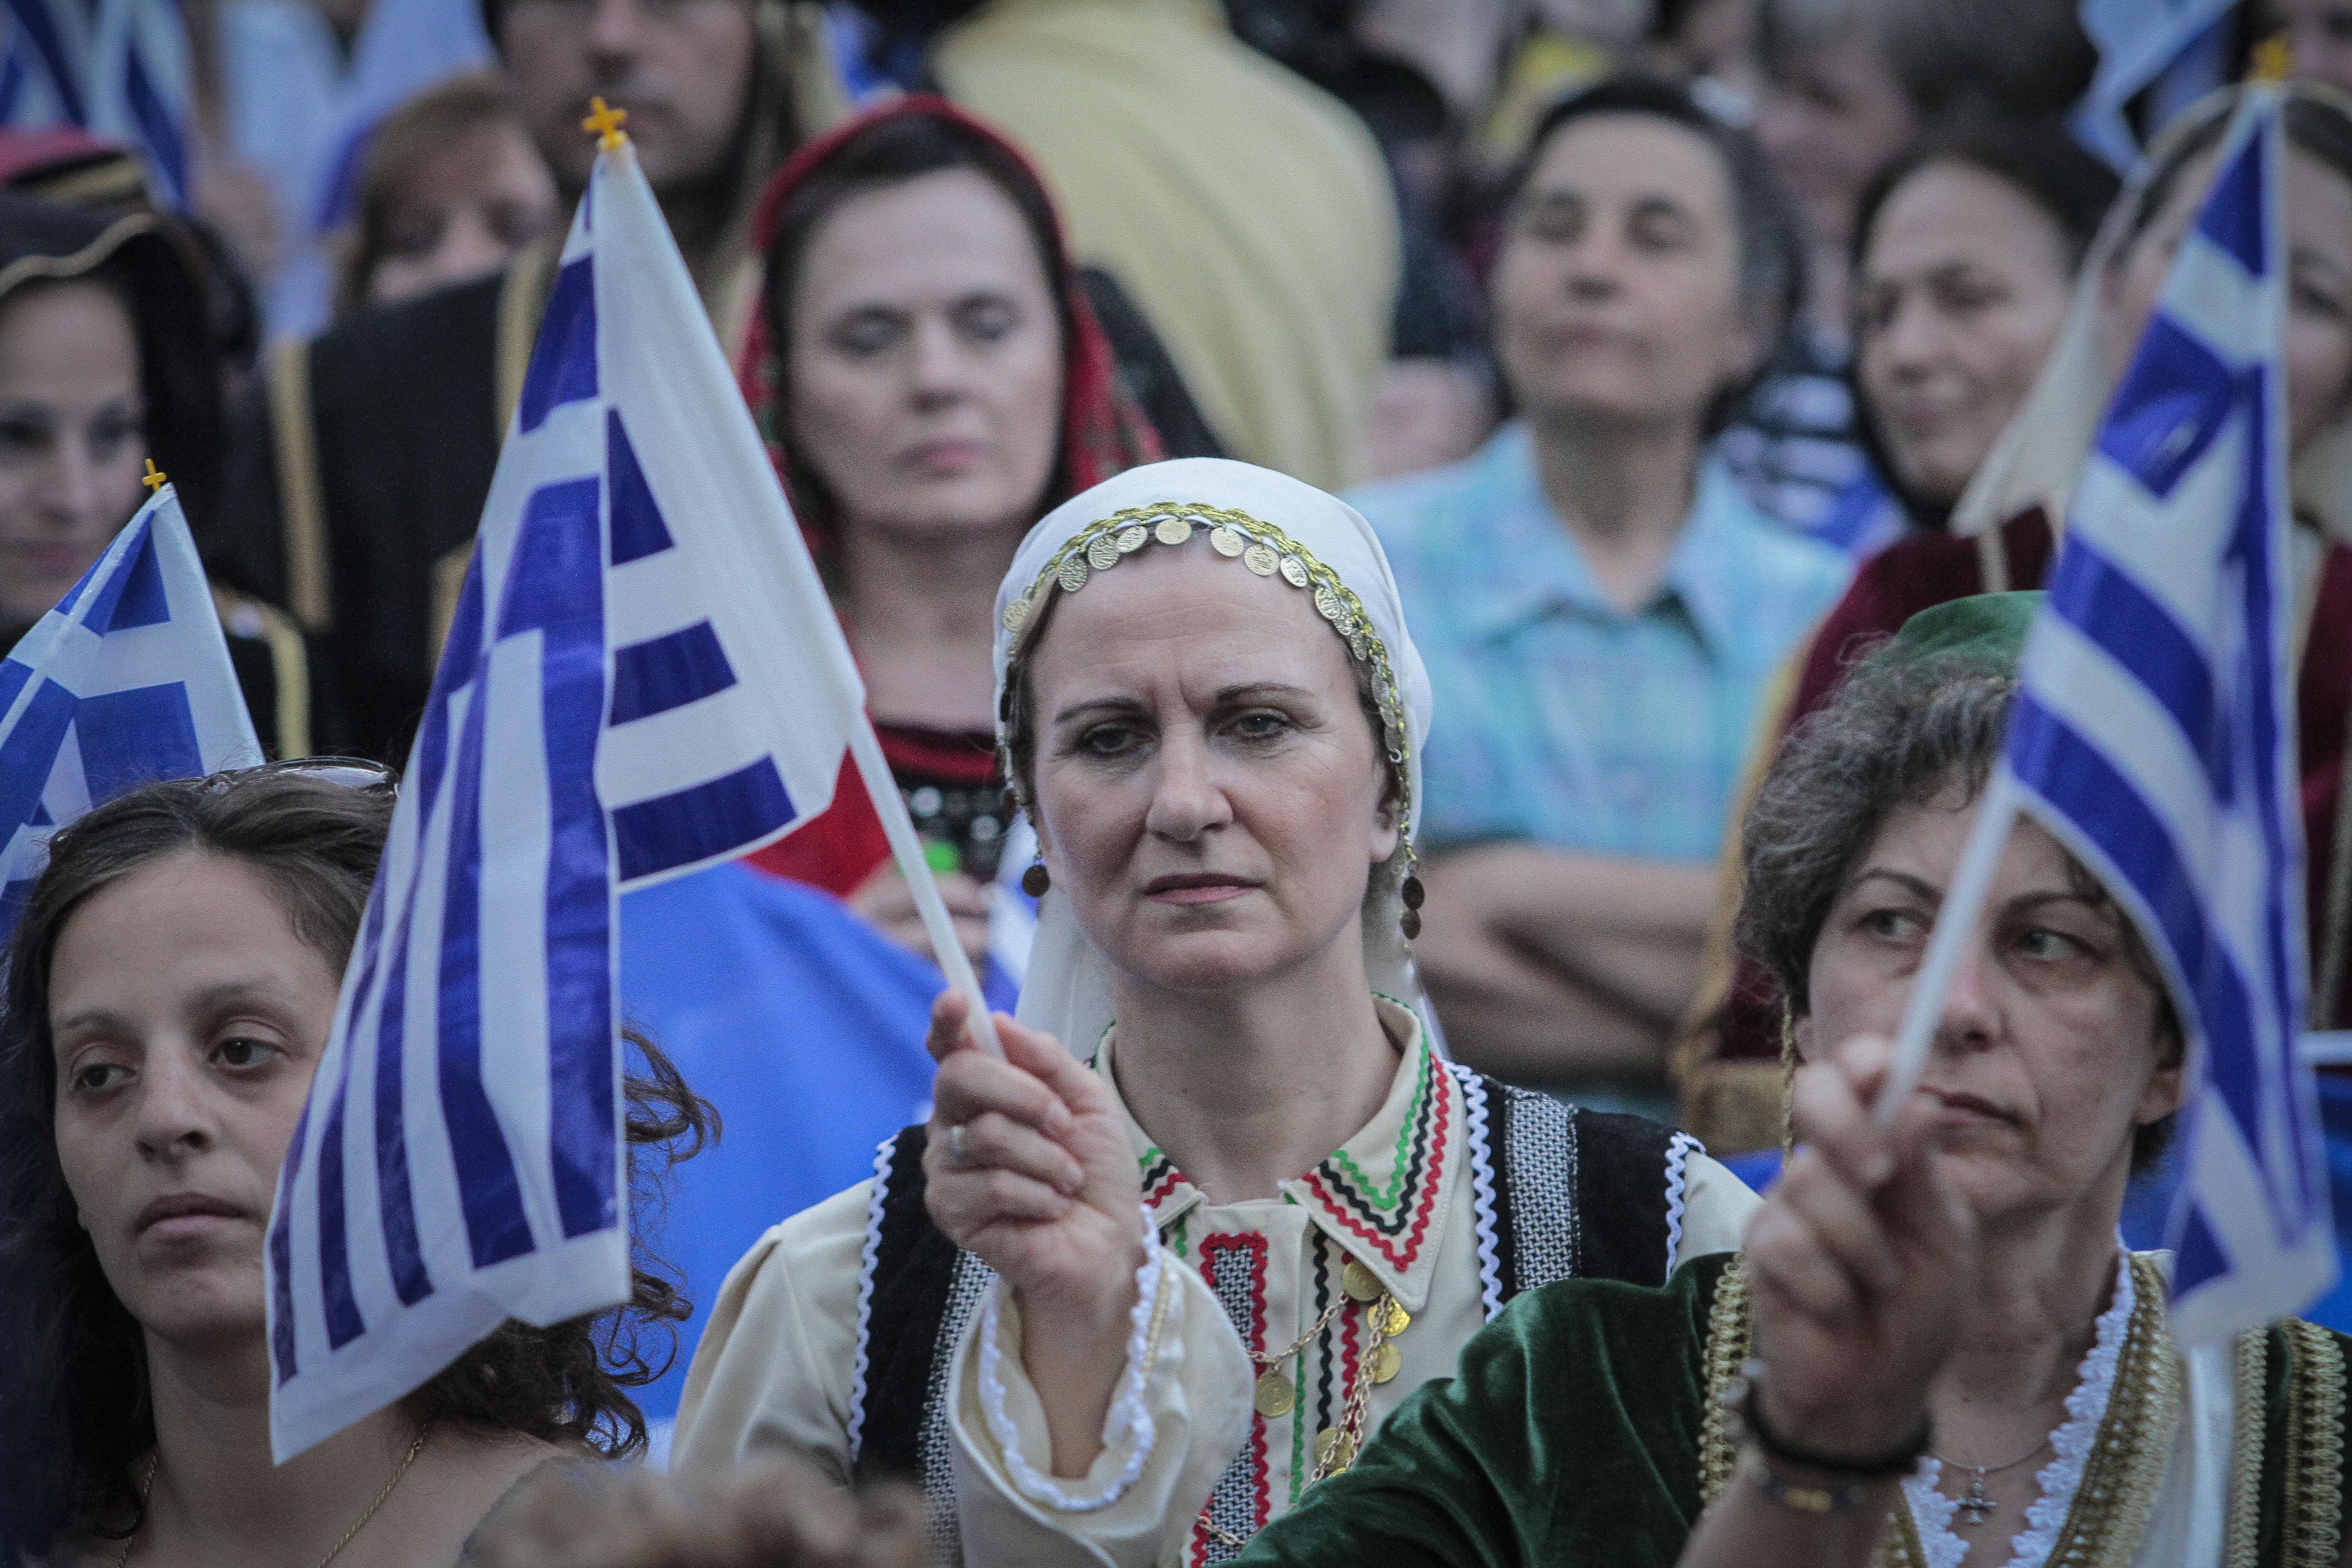 chiliades-diadilosan-gia-ti-makedonia-se-23-poleis-tis-choras-fotografies-amp-8211-vinteo27